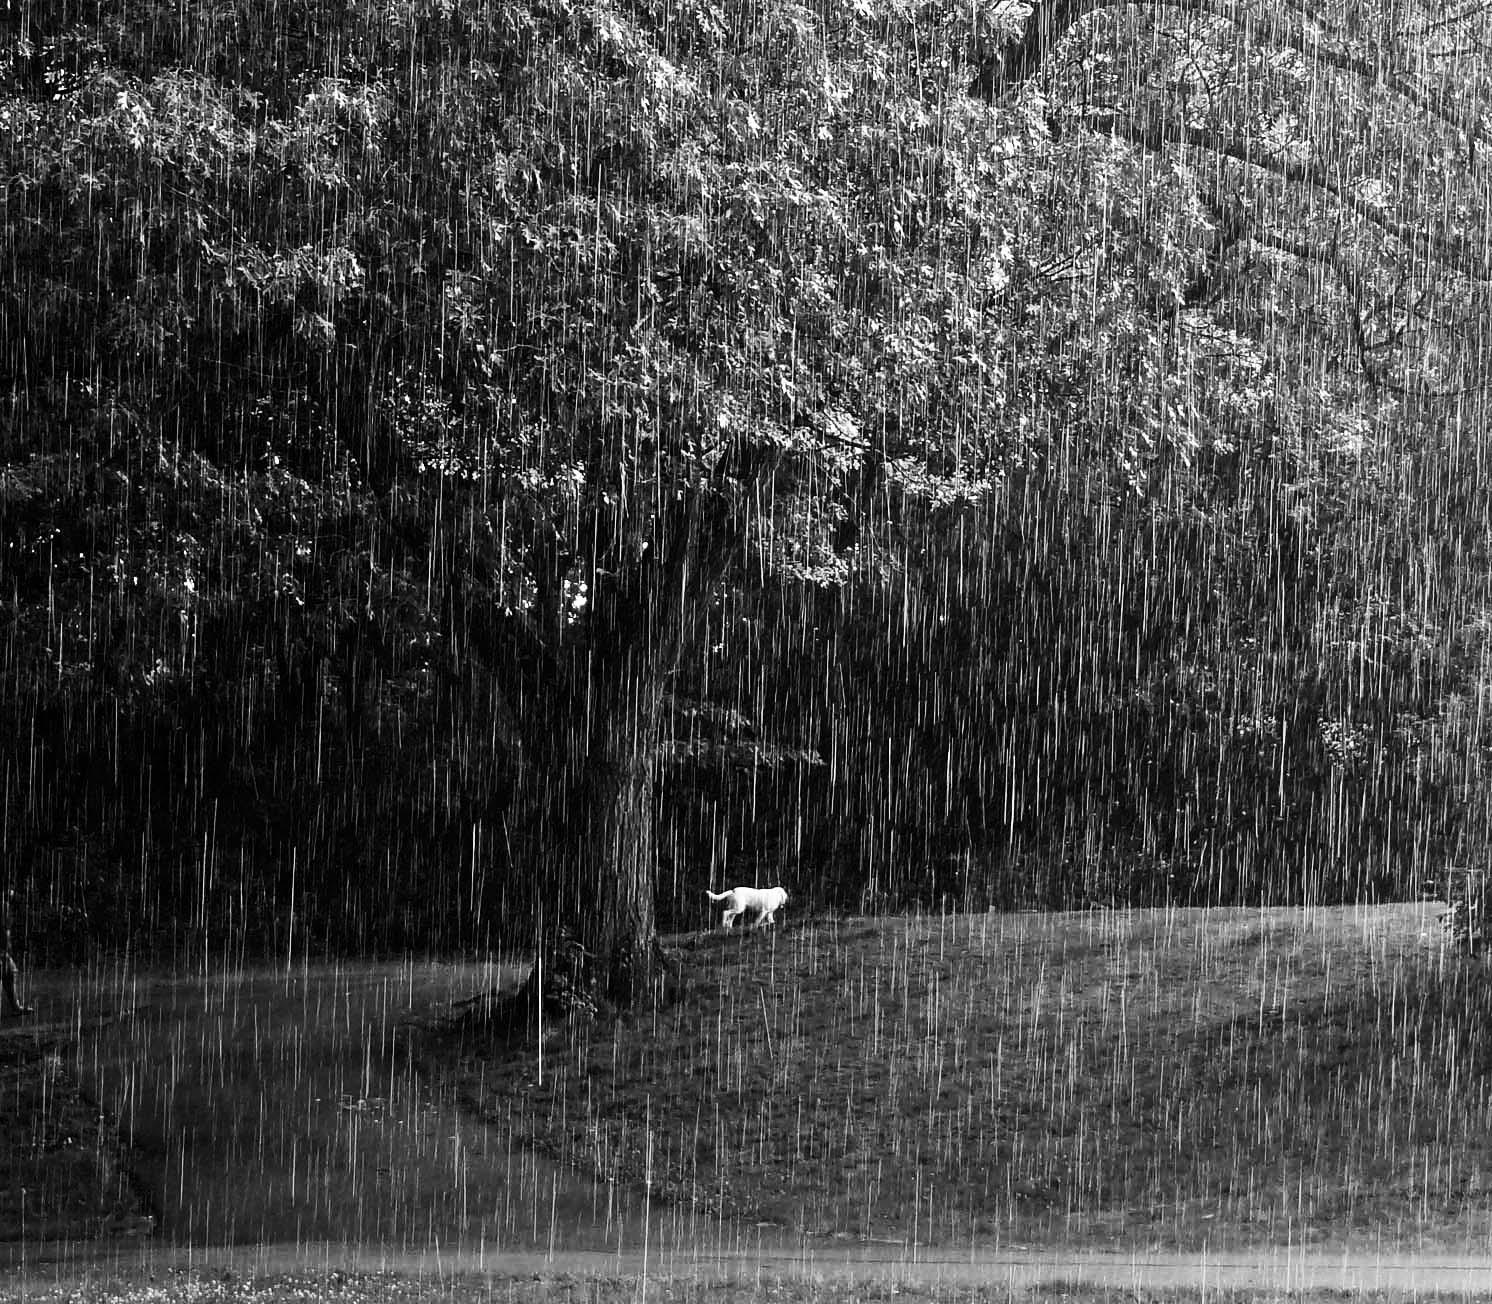 analysis of before the rain